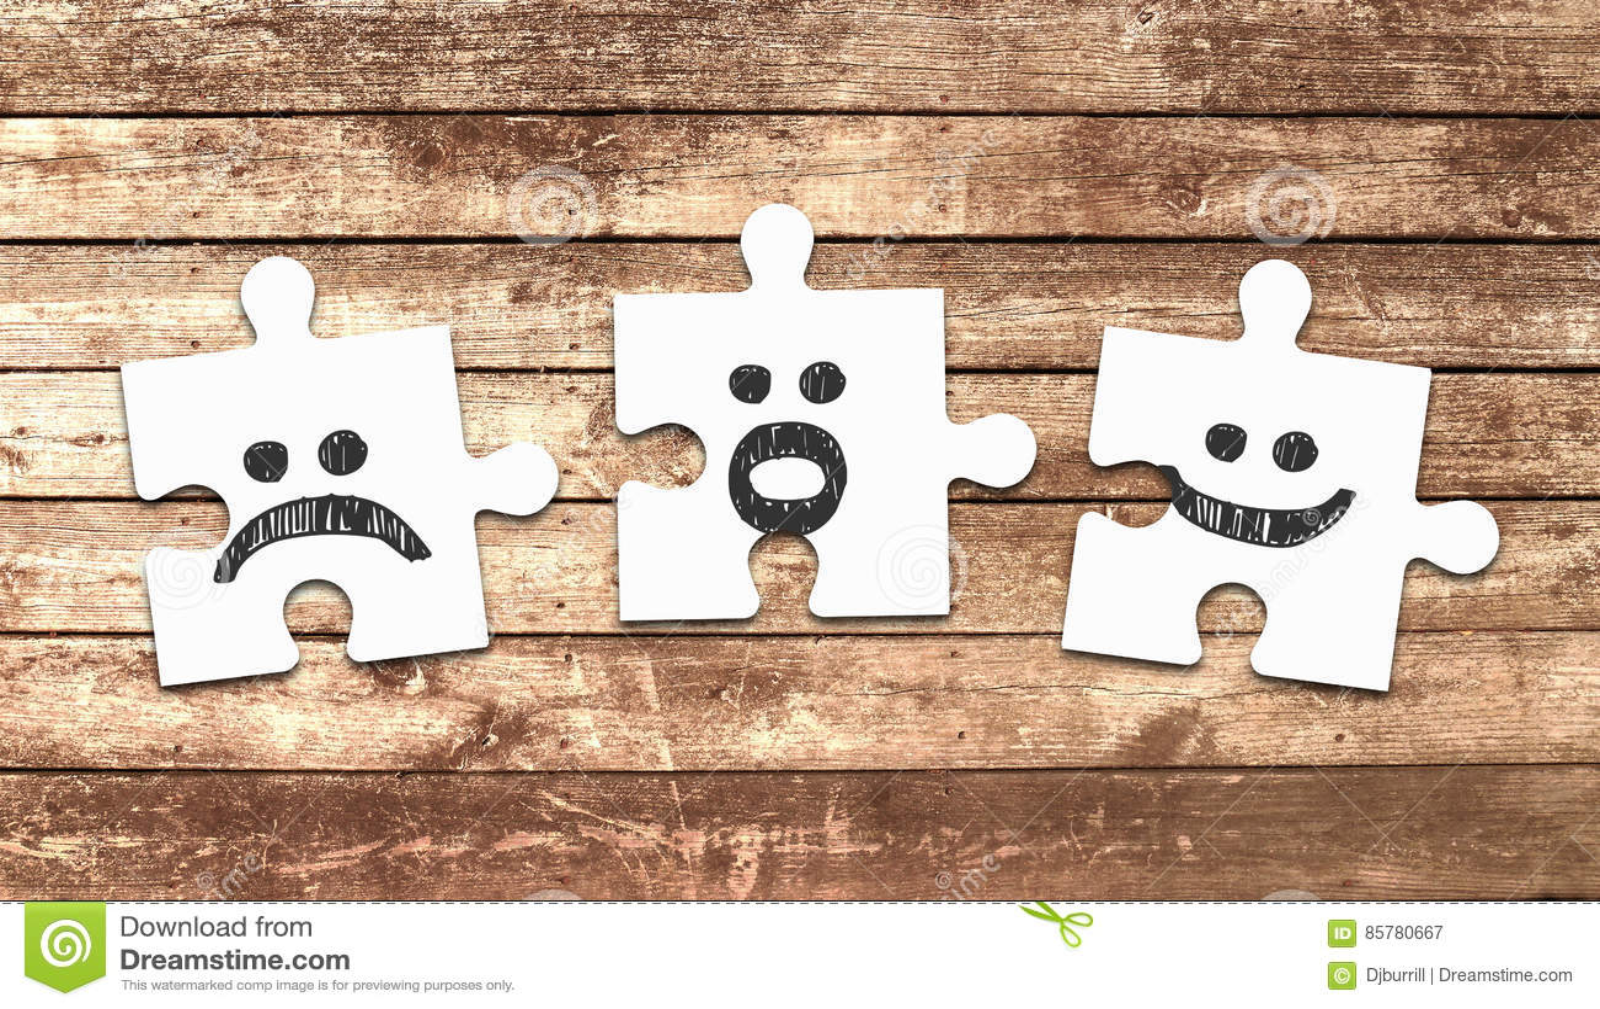 Geschäfts Laubsägen Konzept Stockbild Bild Von Emoticon Idee